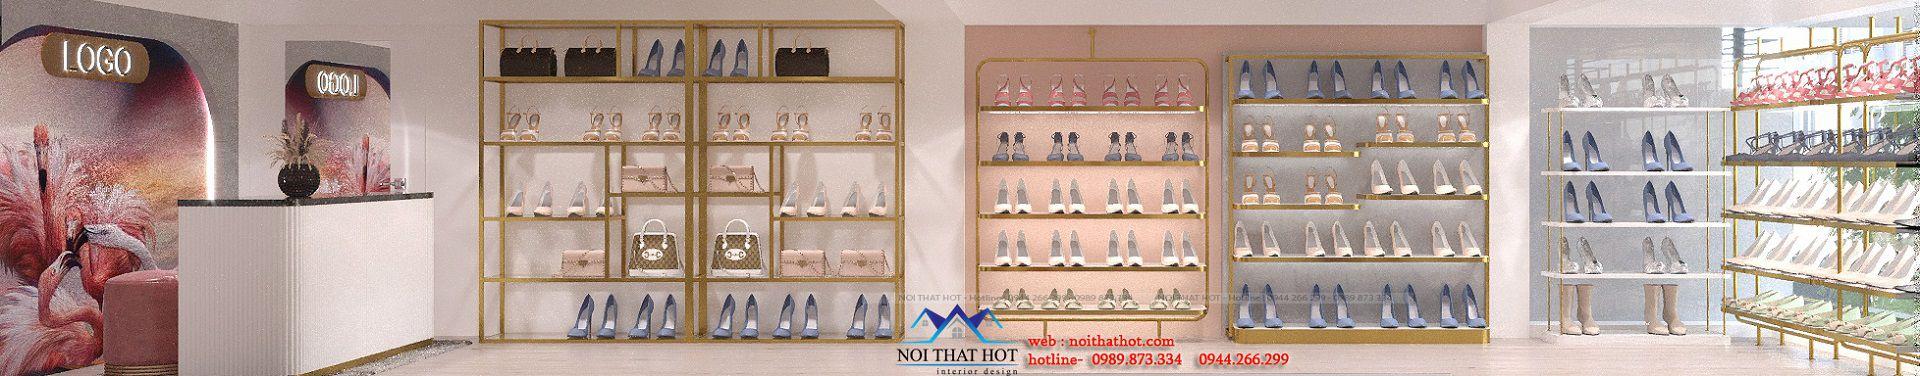 thiết kế cửa hàng giày túi xách